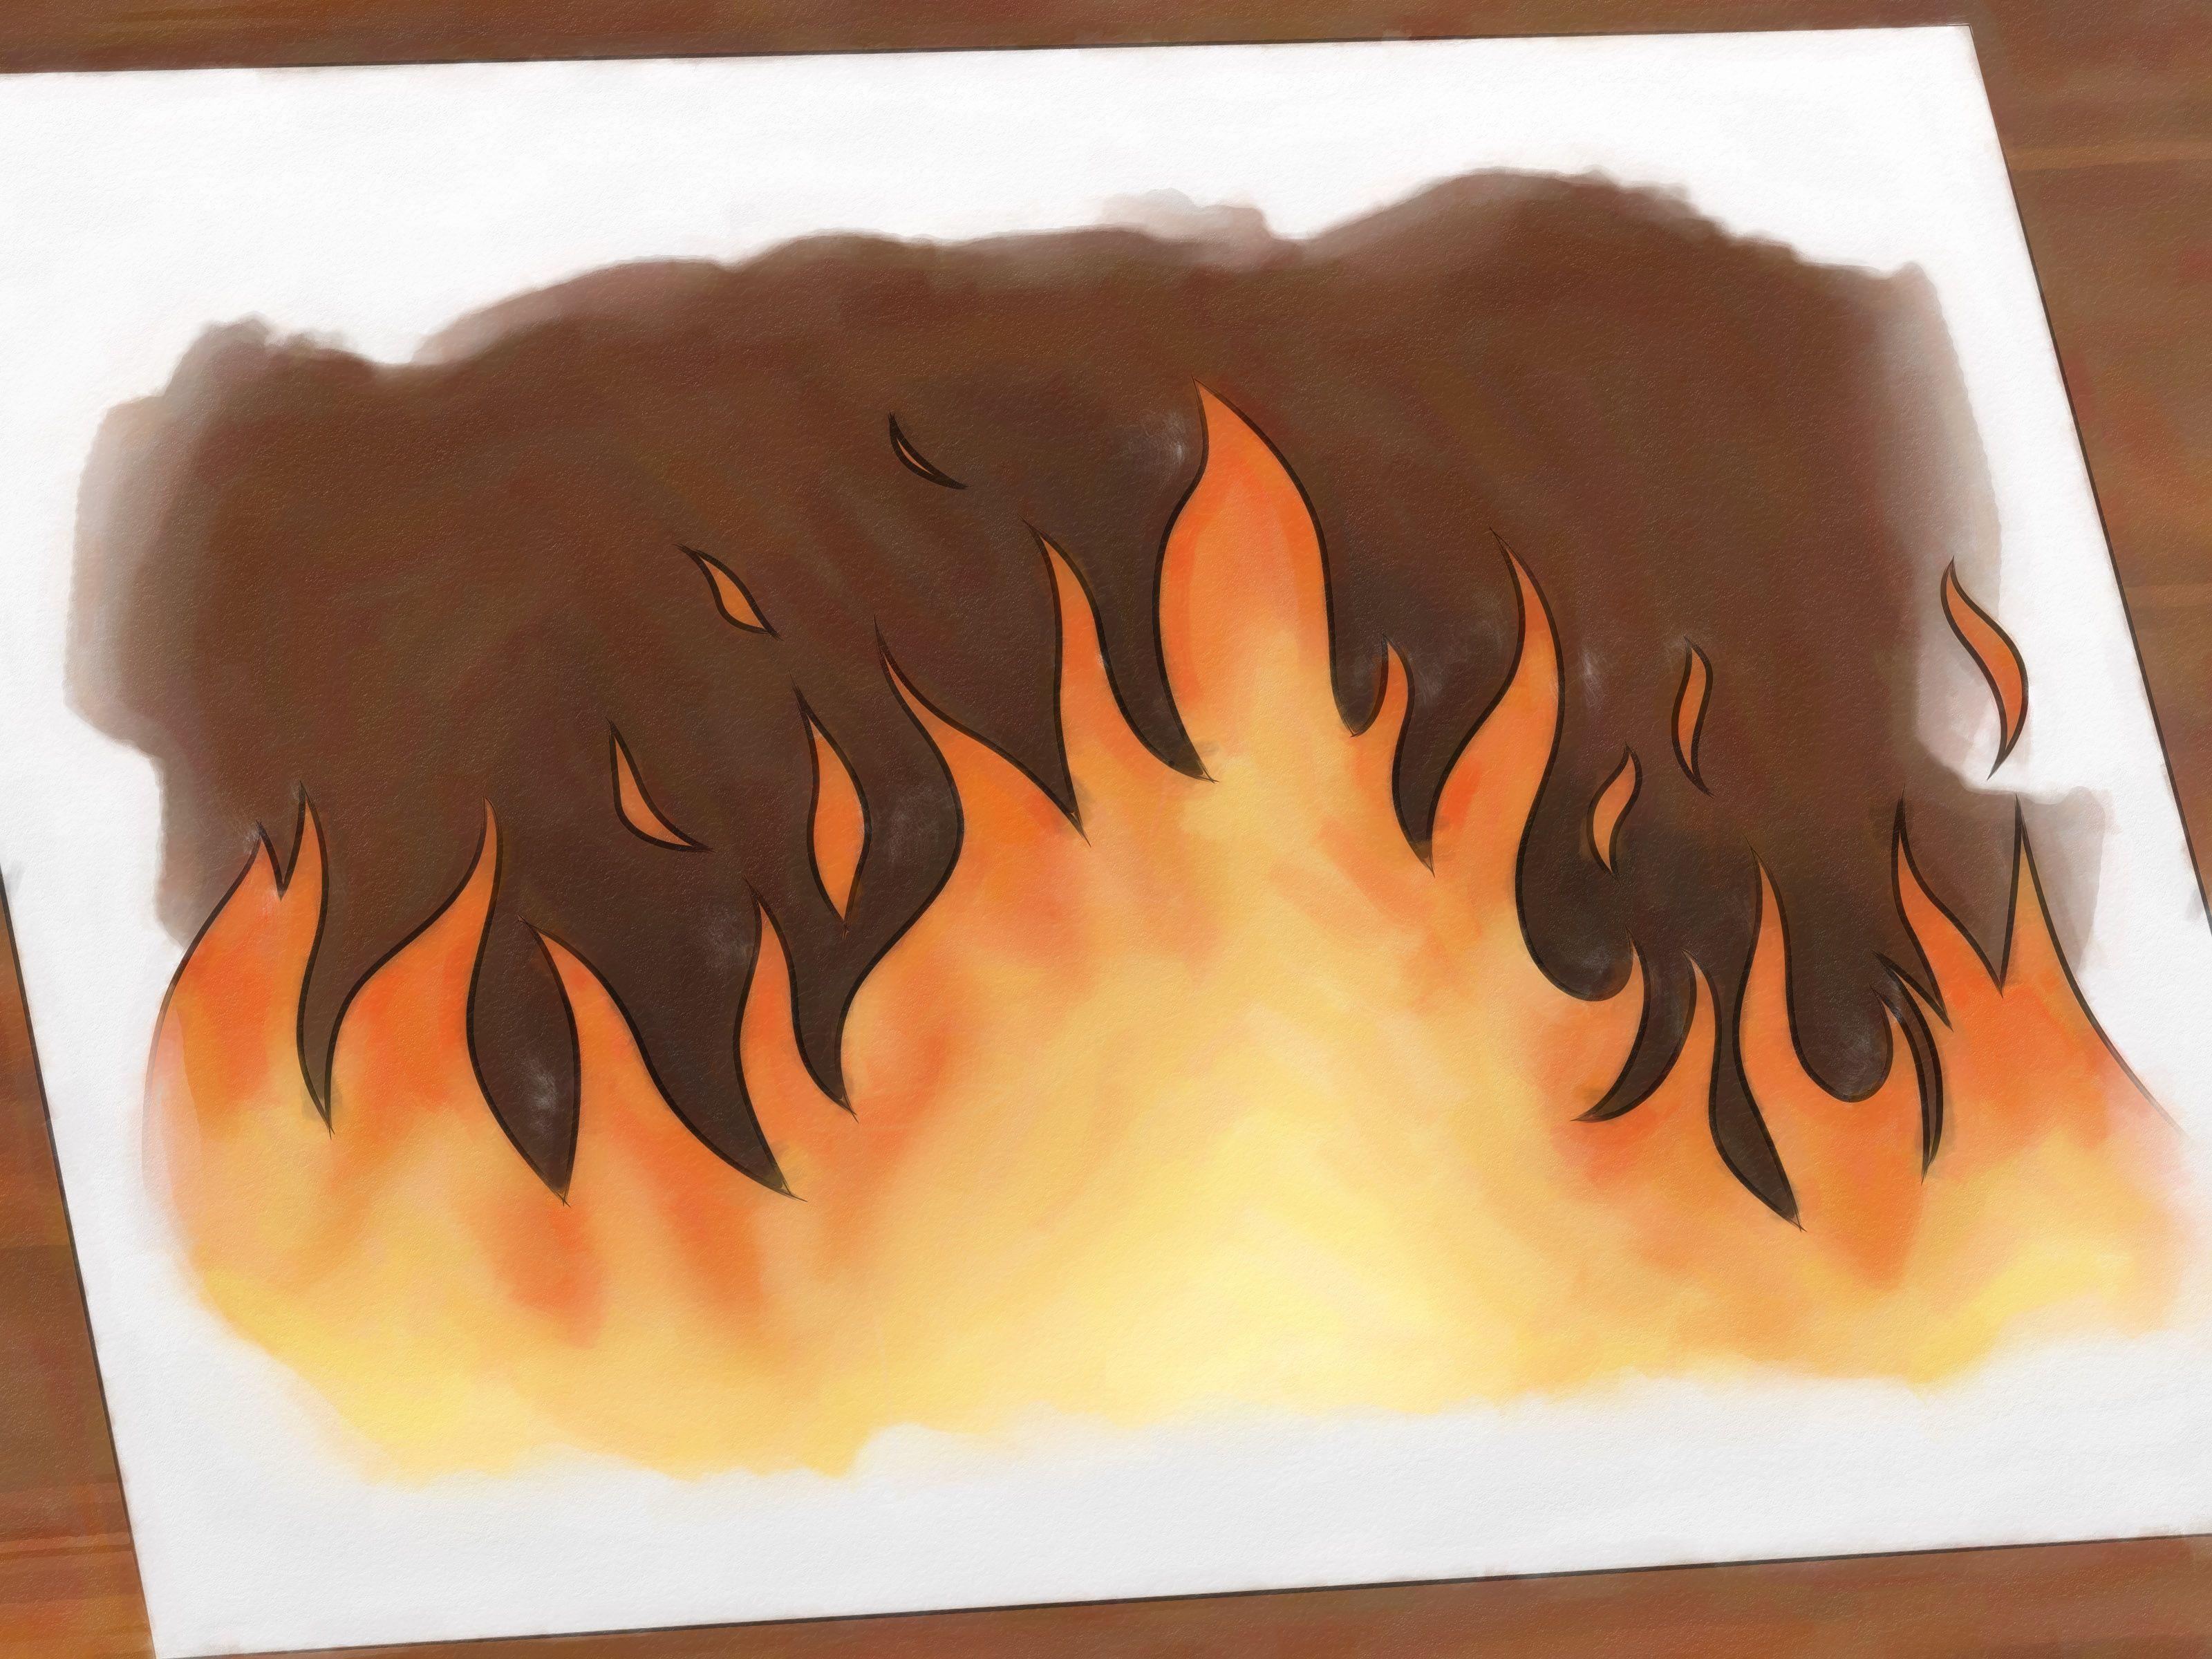 важный рисунки огня карандашом тогда еще очень